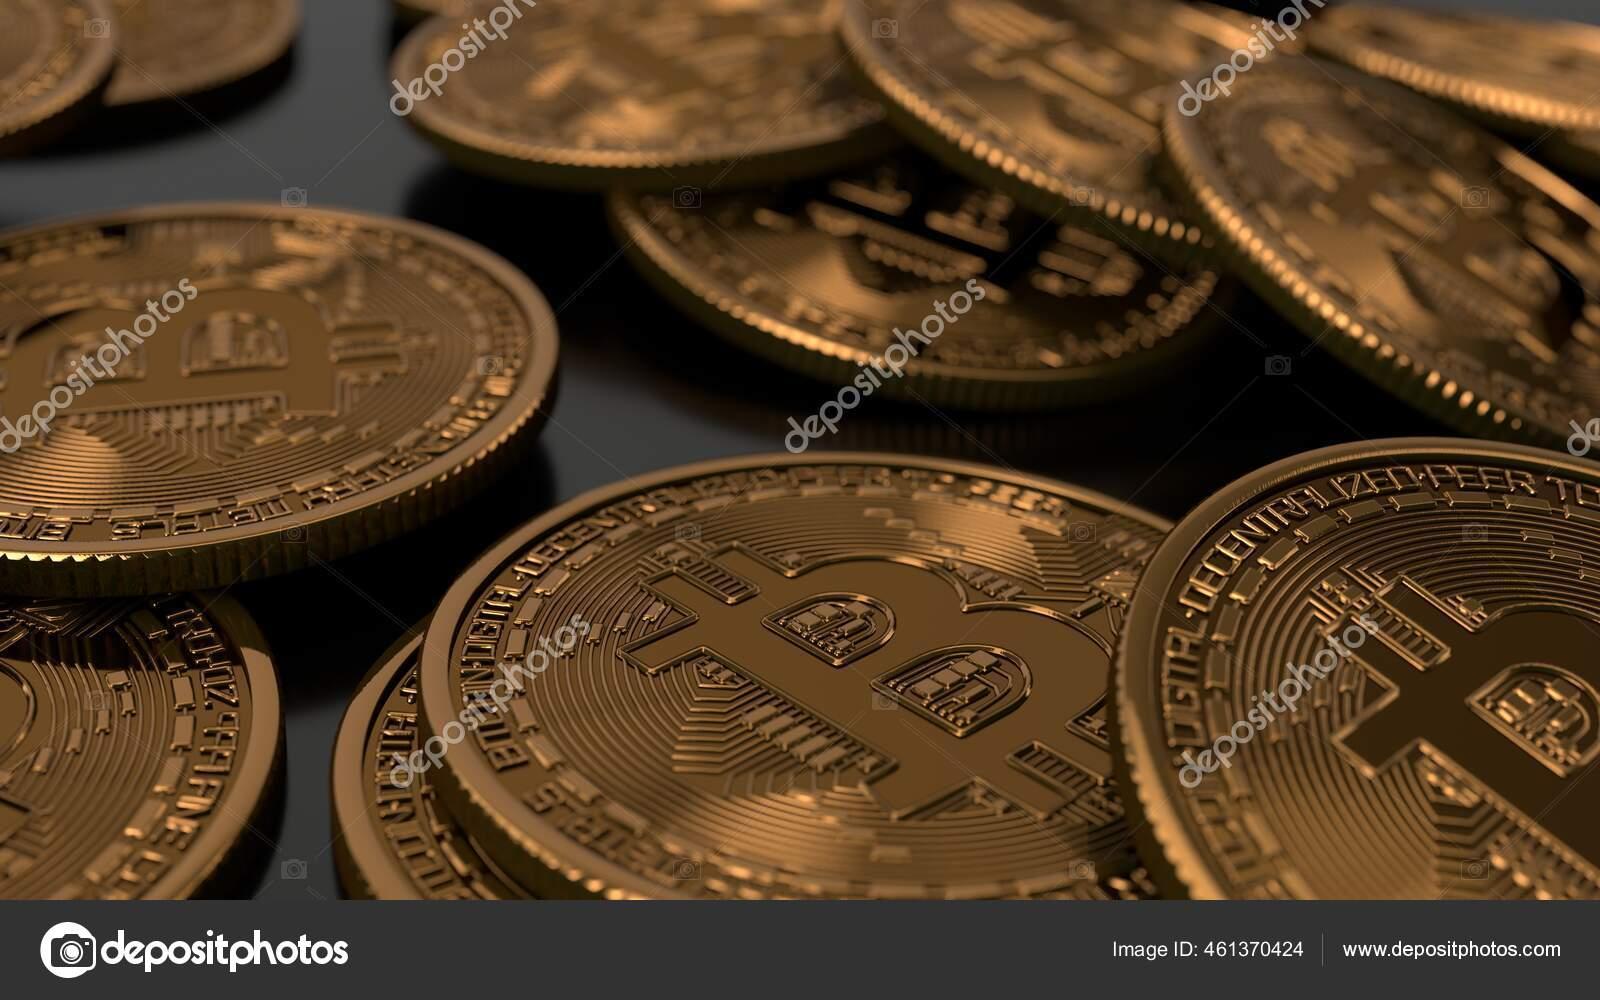 Codul Bitcoin este de încredere?   🥇 Asigurați-vă că citiți înainte de a investi